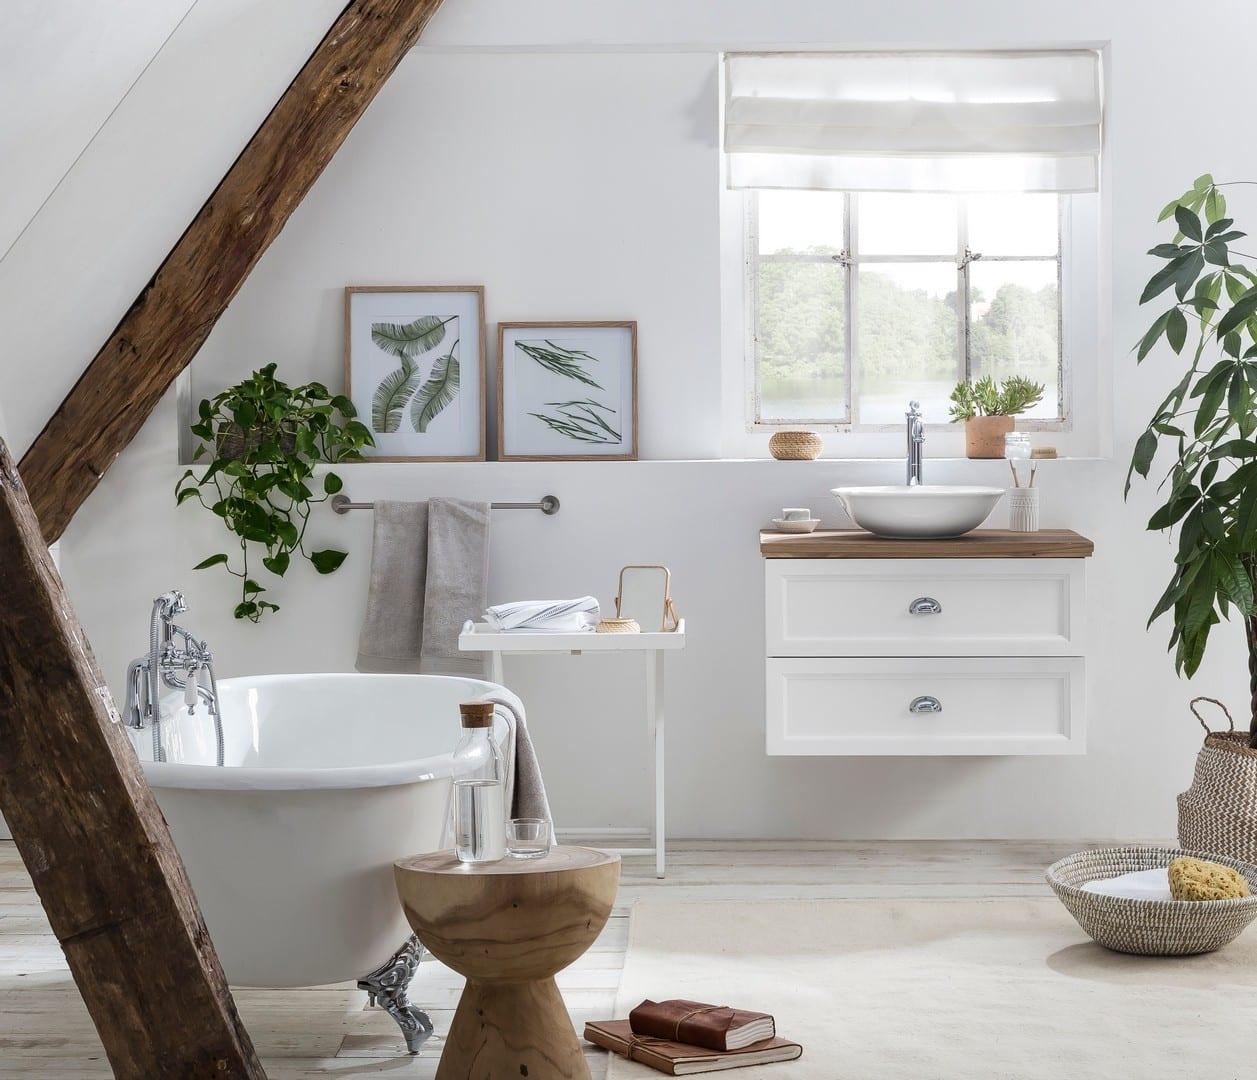 mooie franse badkamer met hangend badkamermeubel en een bad op pootjes